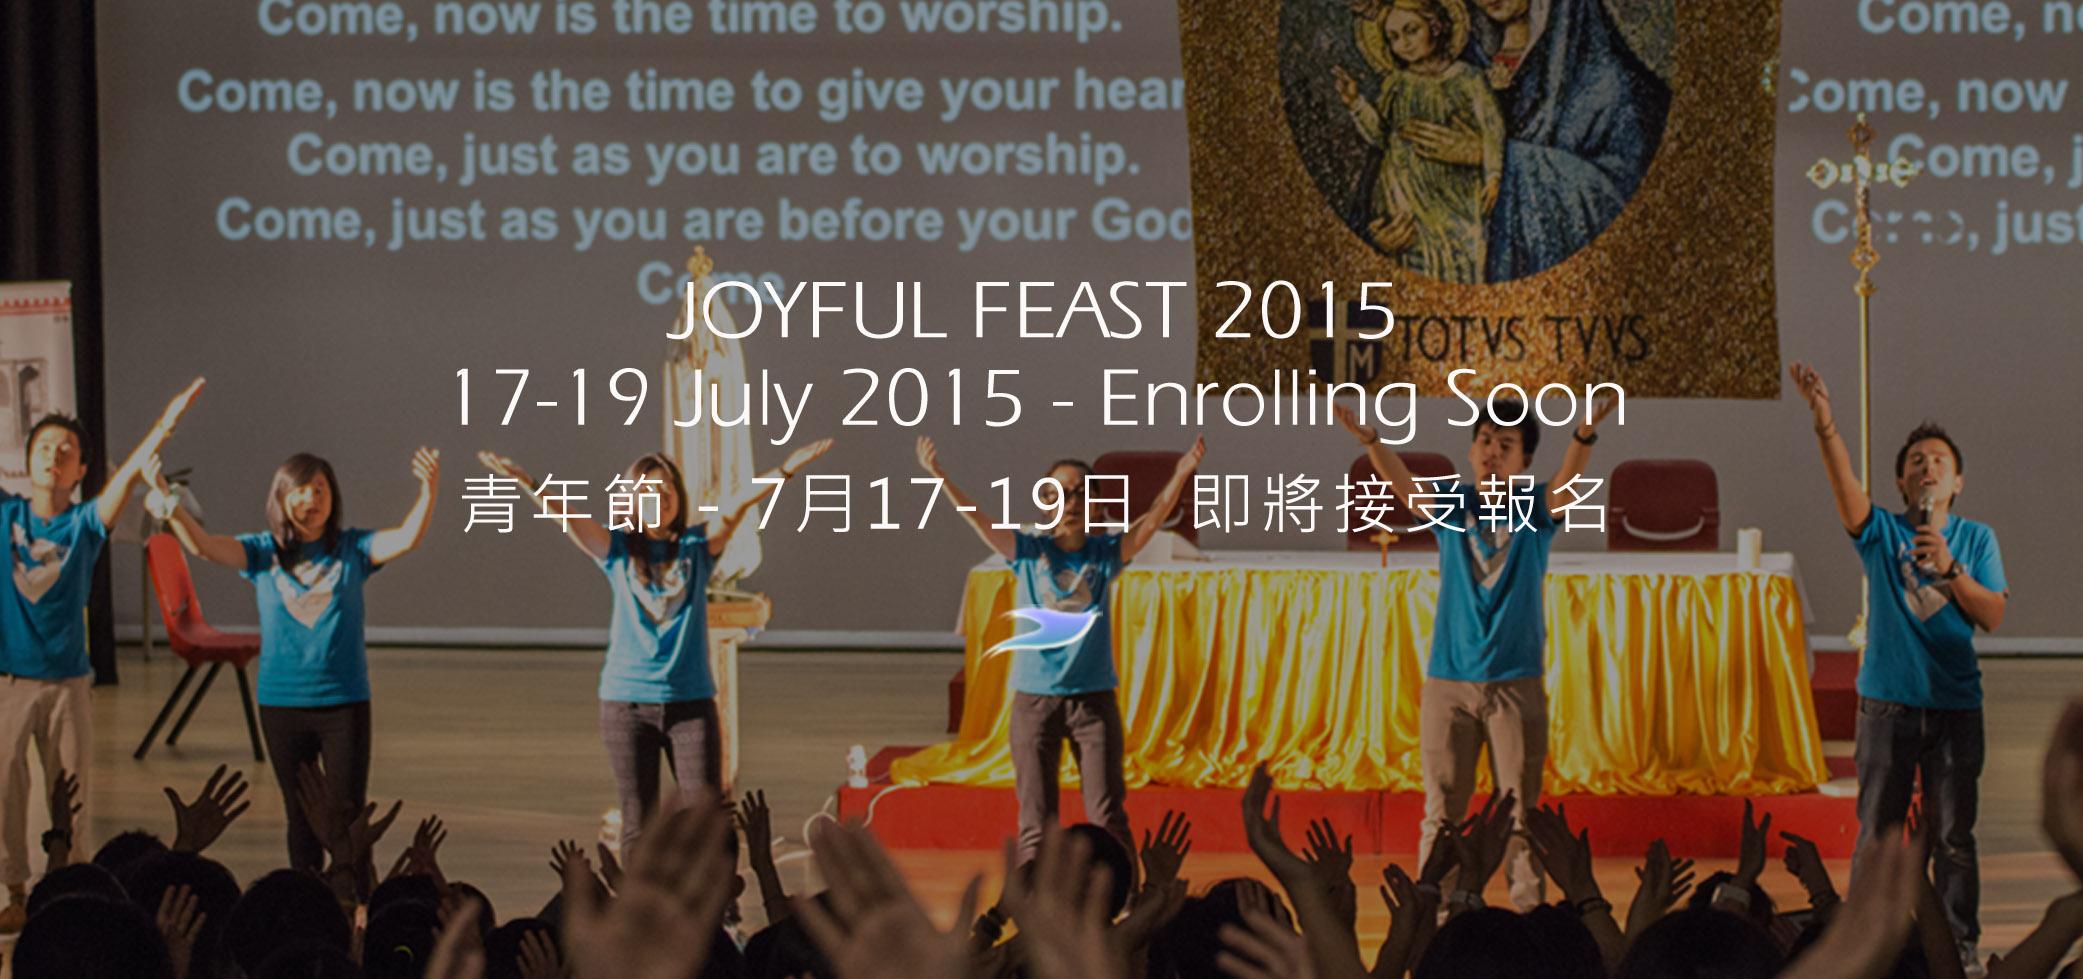 TOUCH Website v3 - Carousel v3_1 - JF15 Pre-enroll.jpg